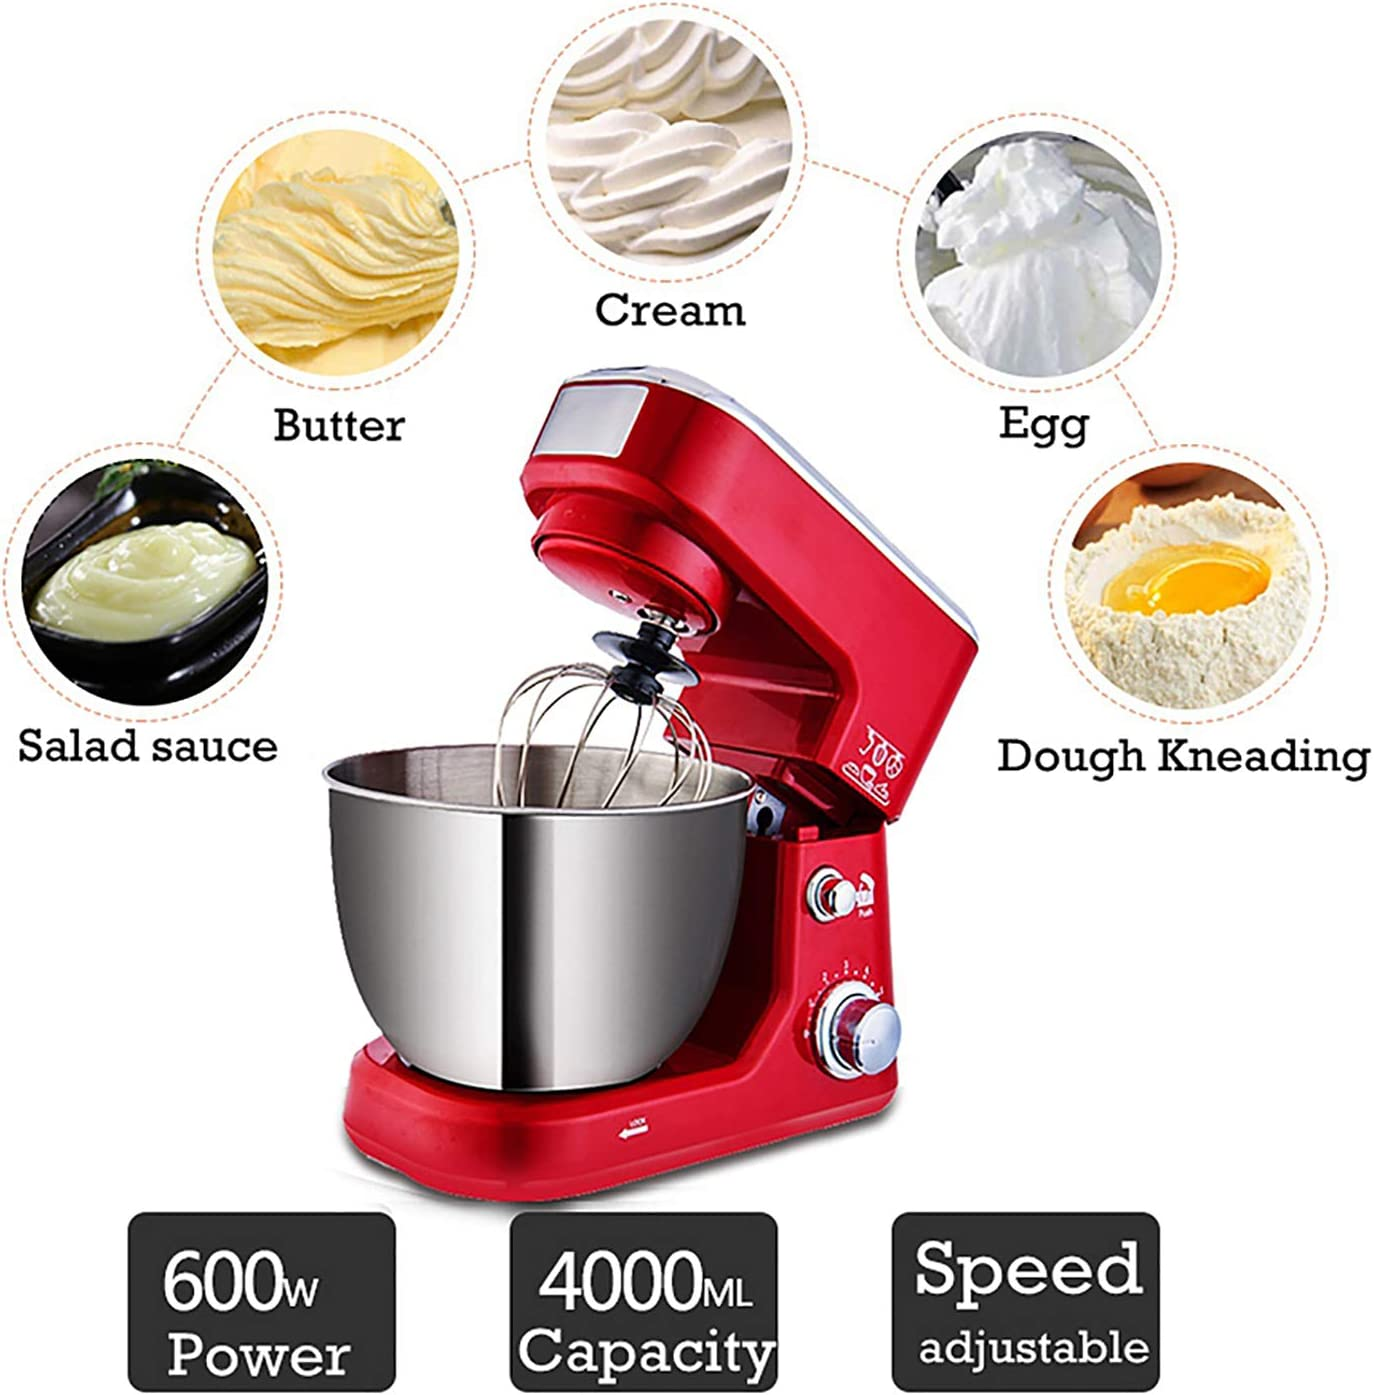 600 W professionele mixer/keuken elektrische mixer/keukenmachine mixer, met 3 l roestvrijstalen kom, eierklopper en deeghaak (6 snelheden) Red